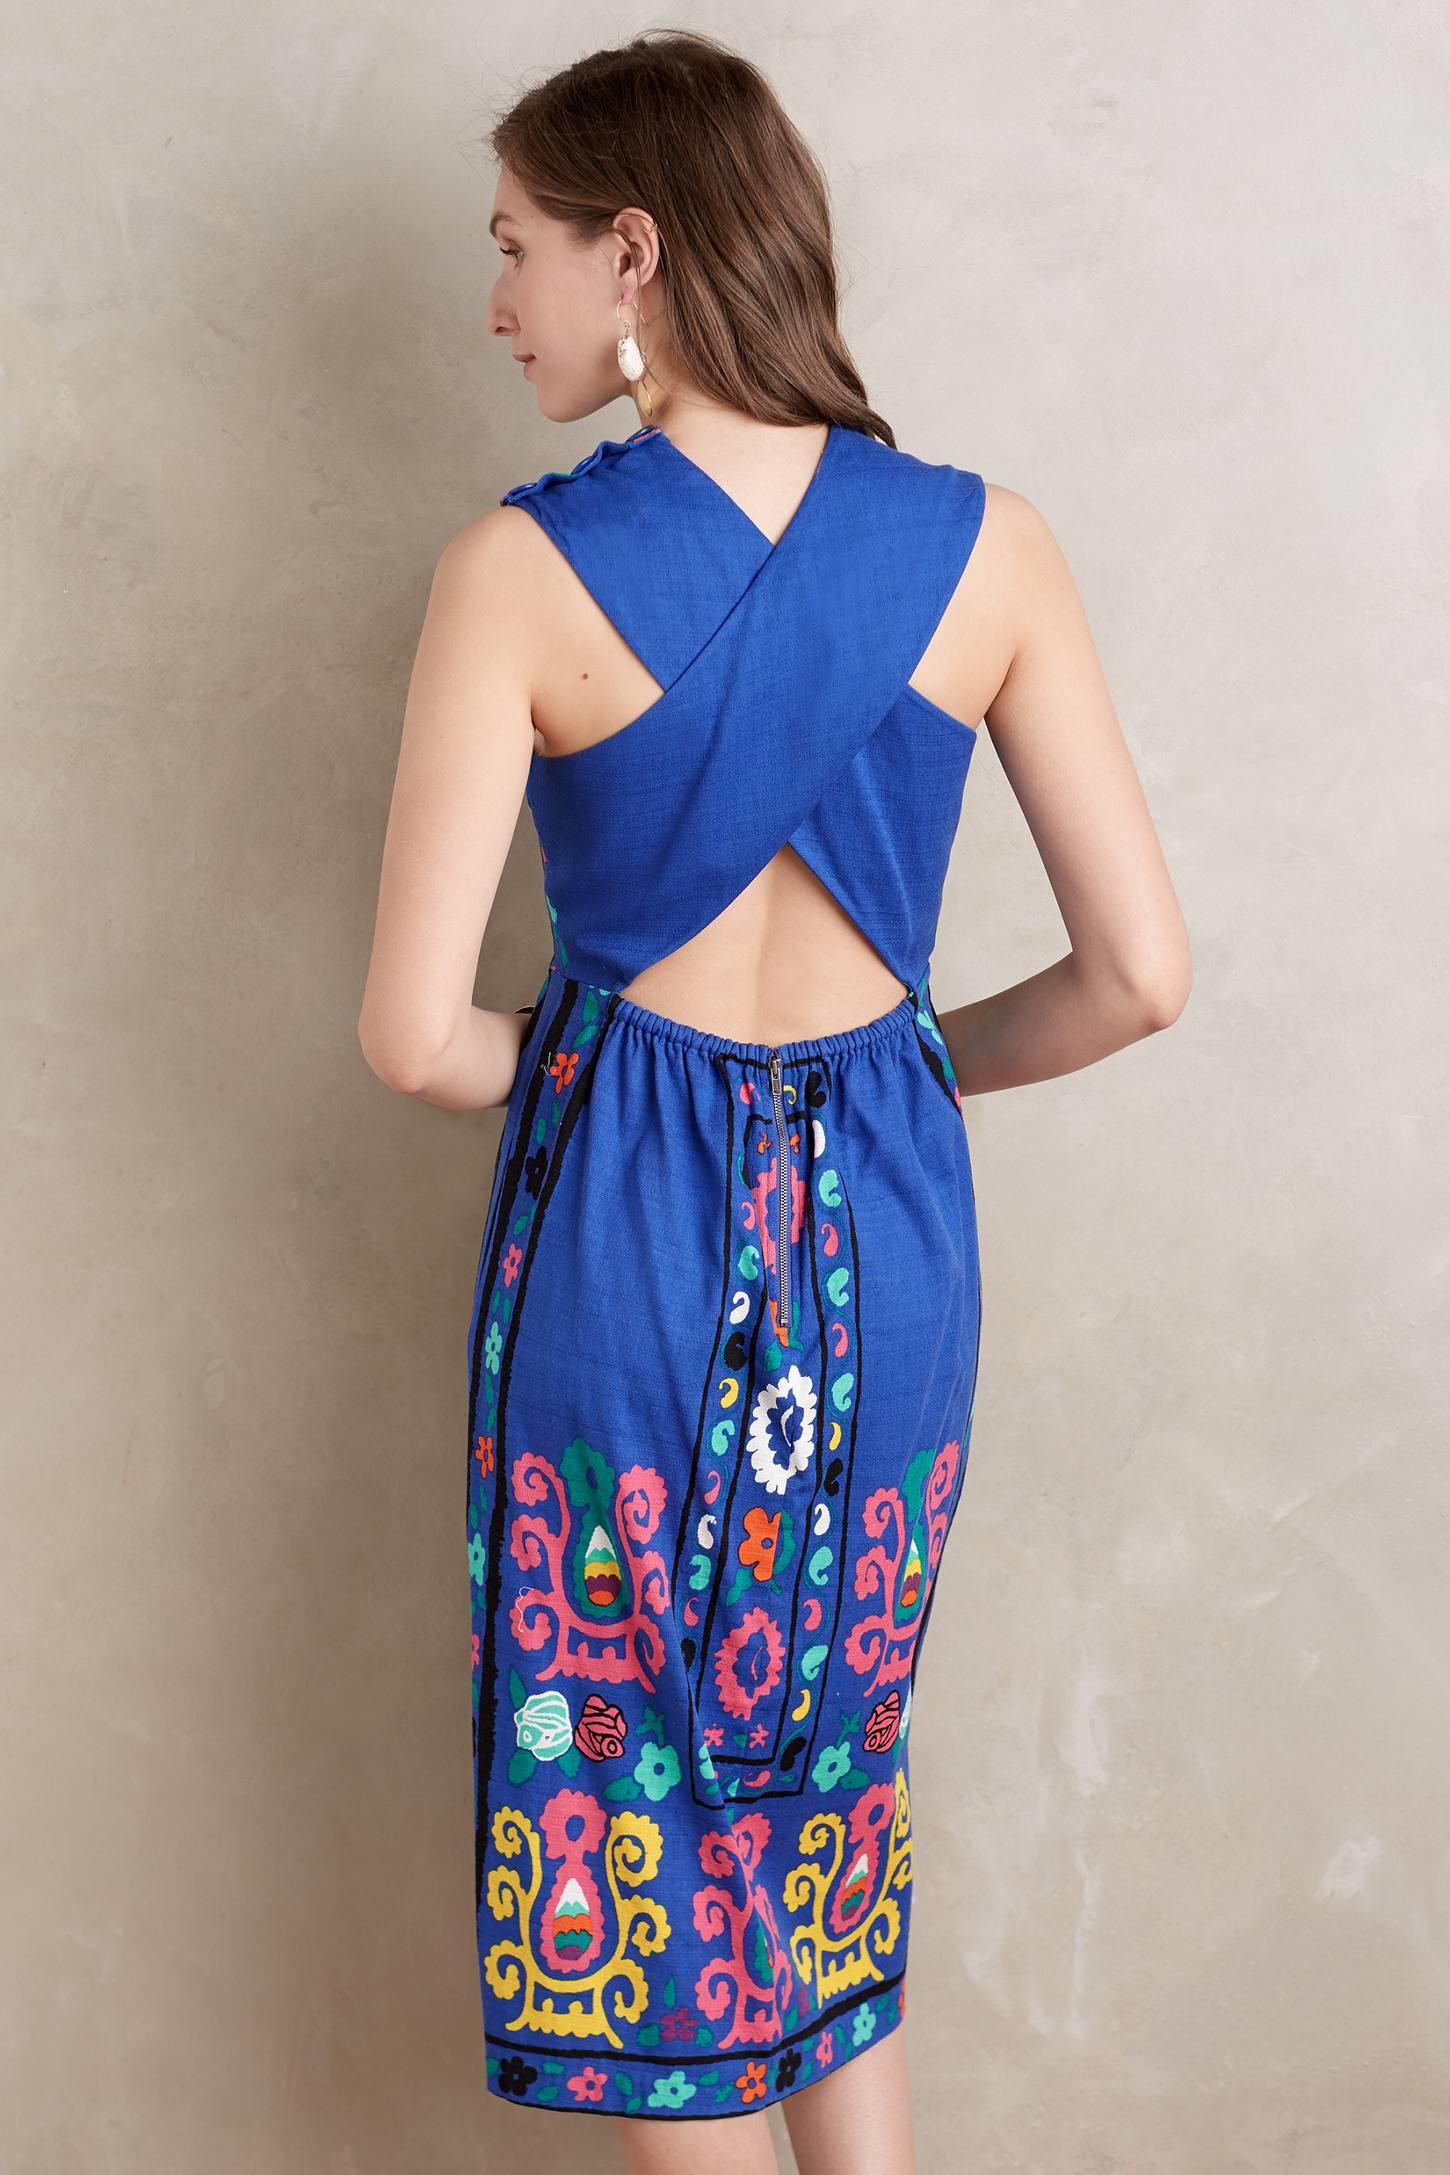 Tracy reese lace peplum dress